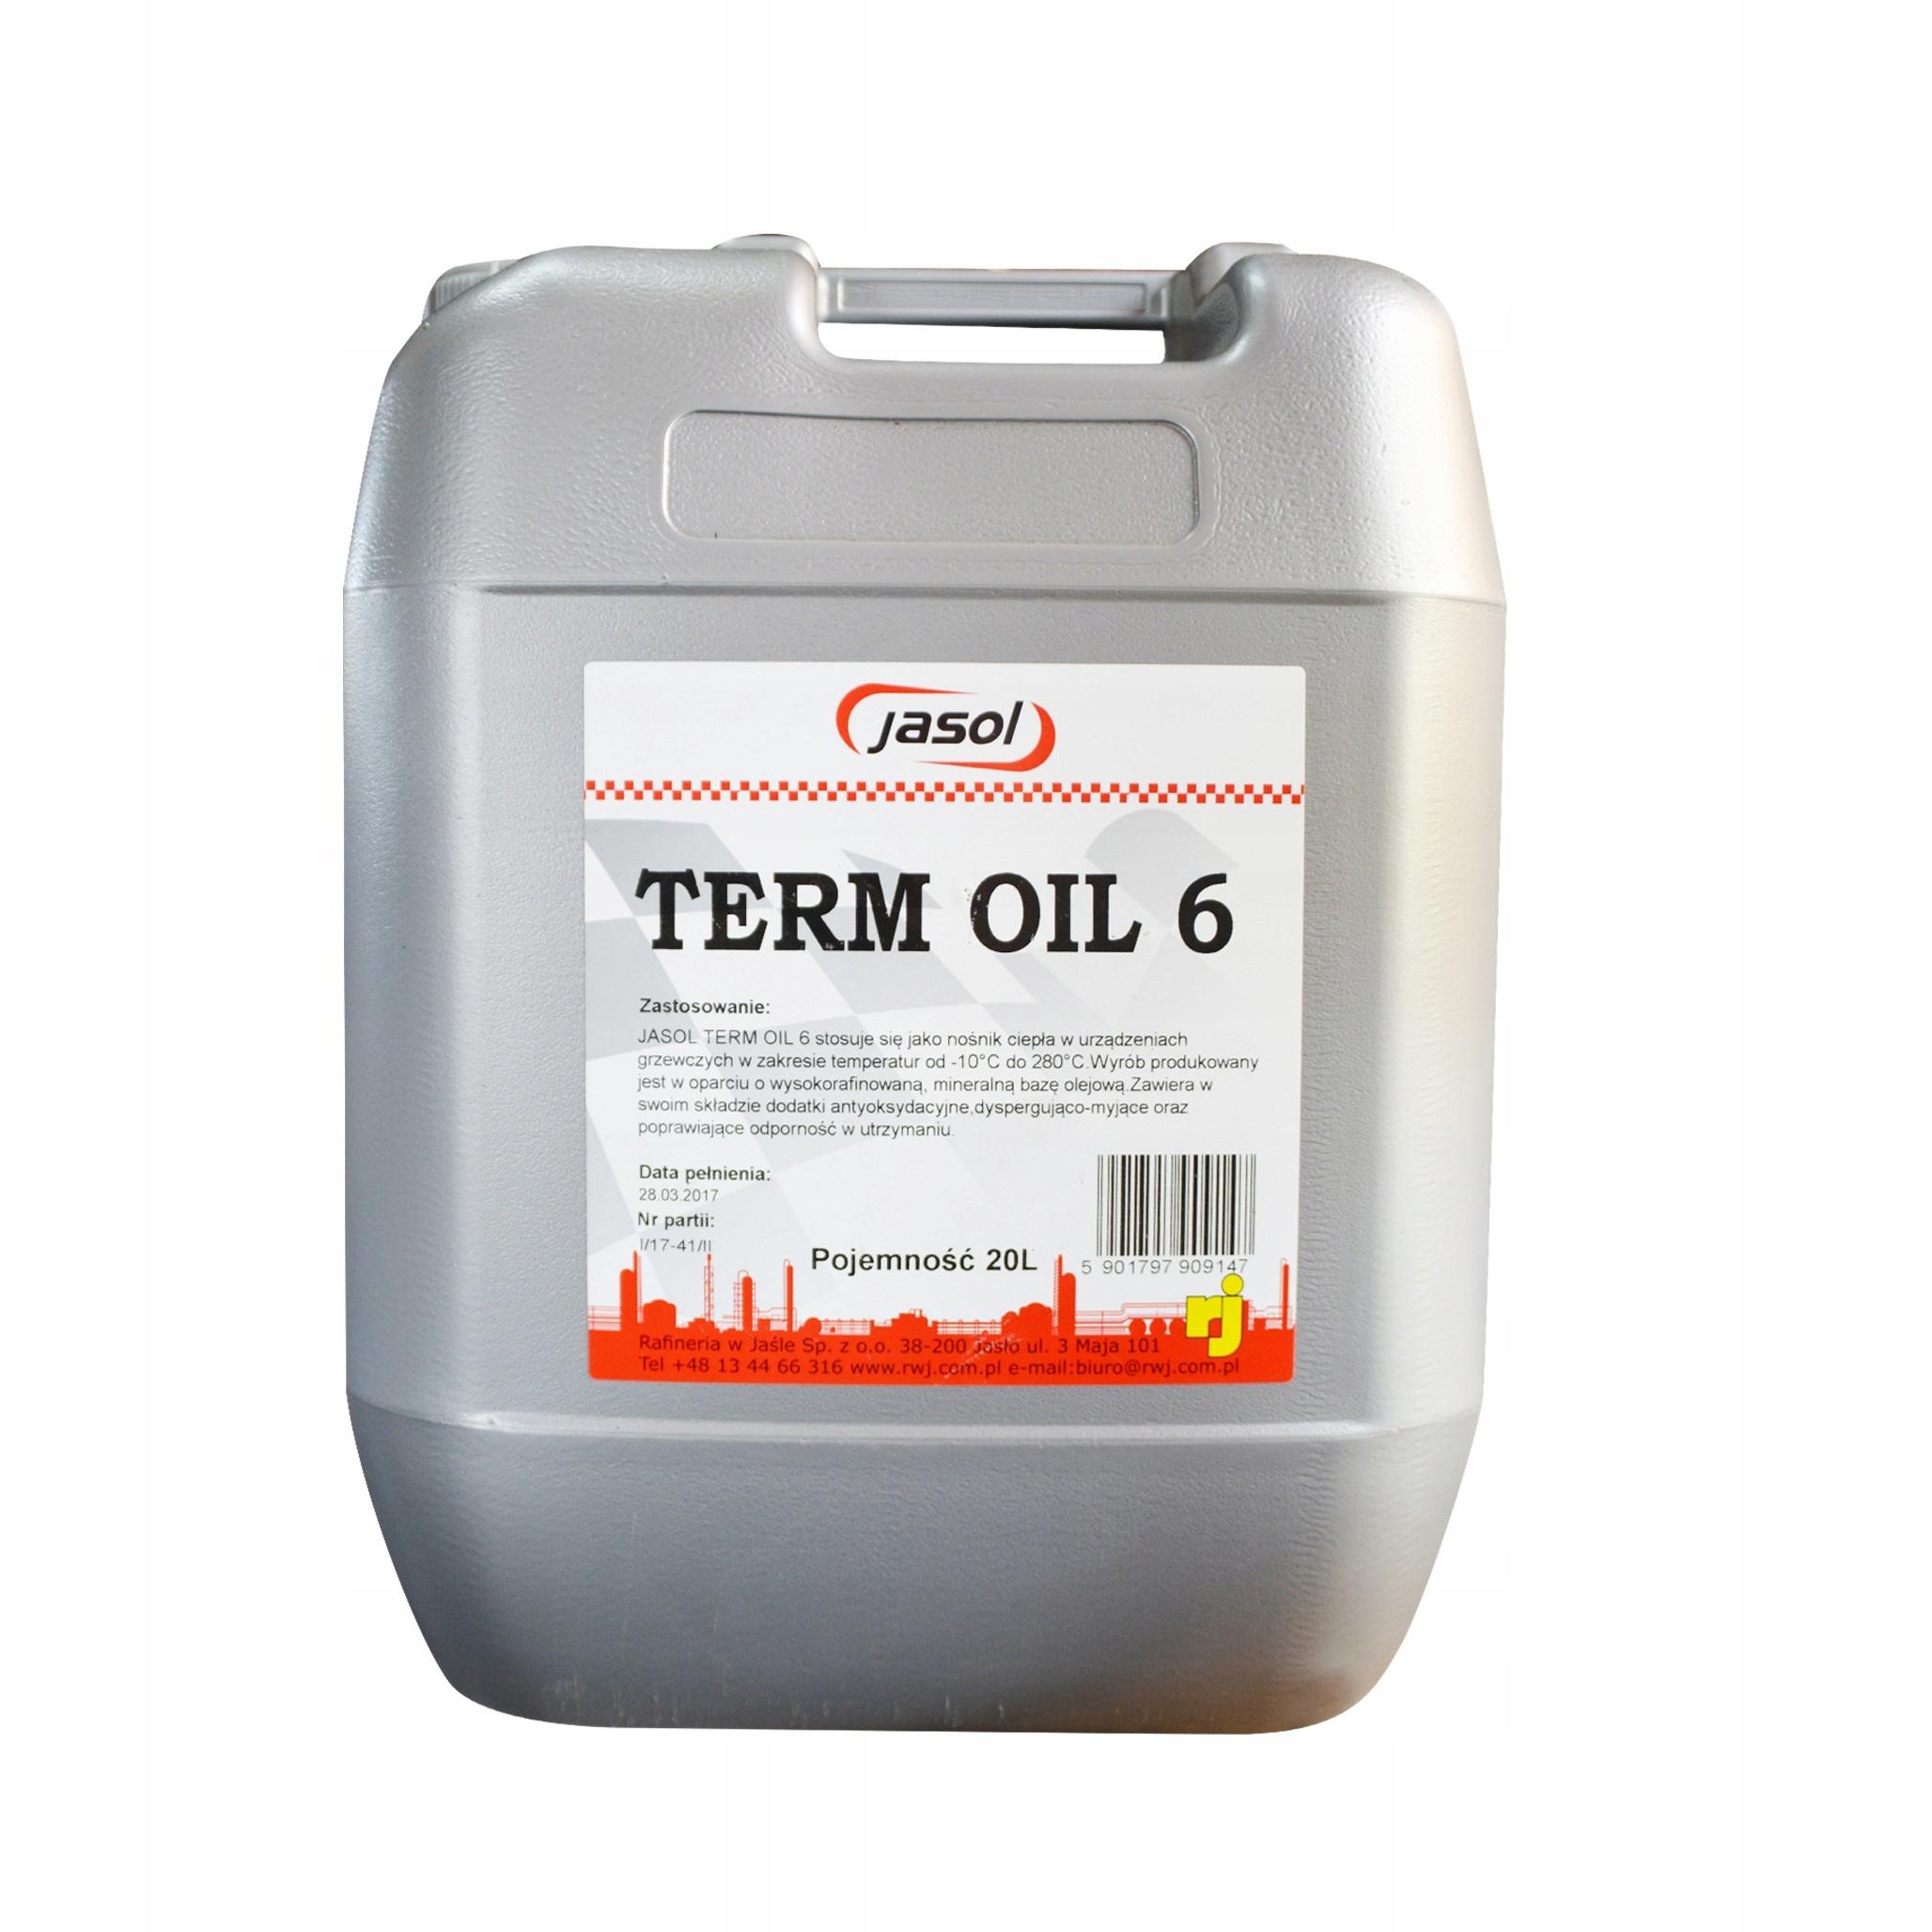 Топочный мазут JASOL TERM OIL 6 20 литров